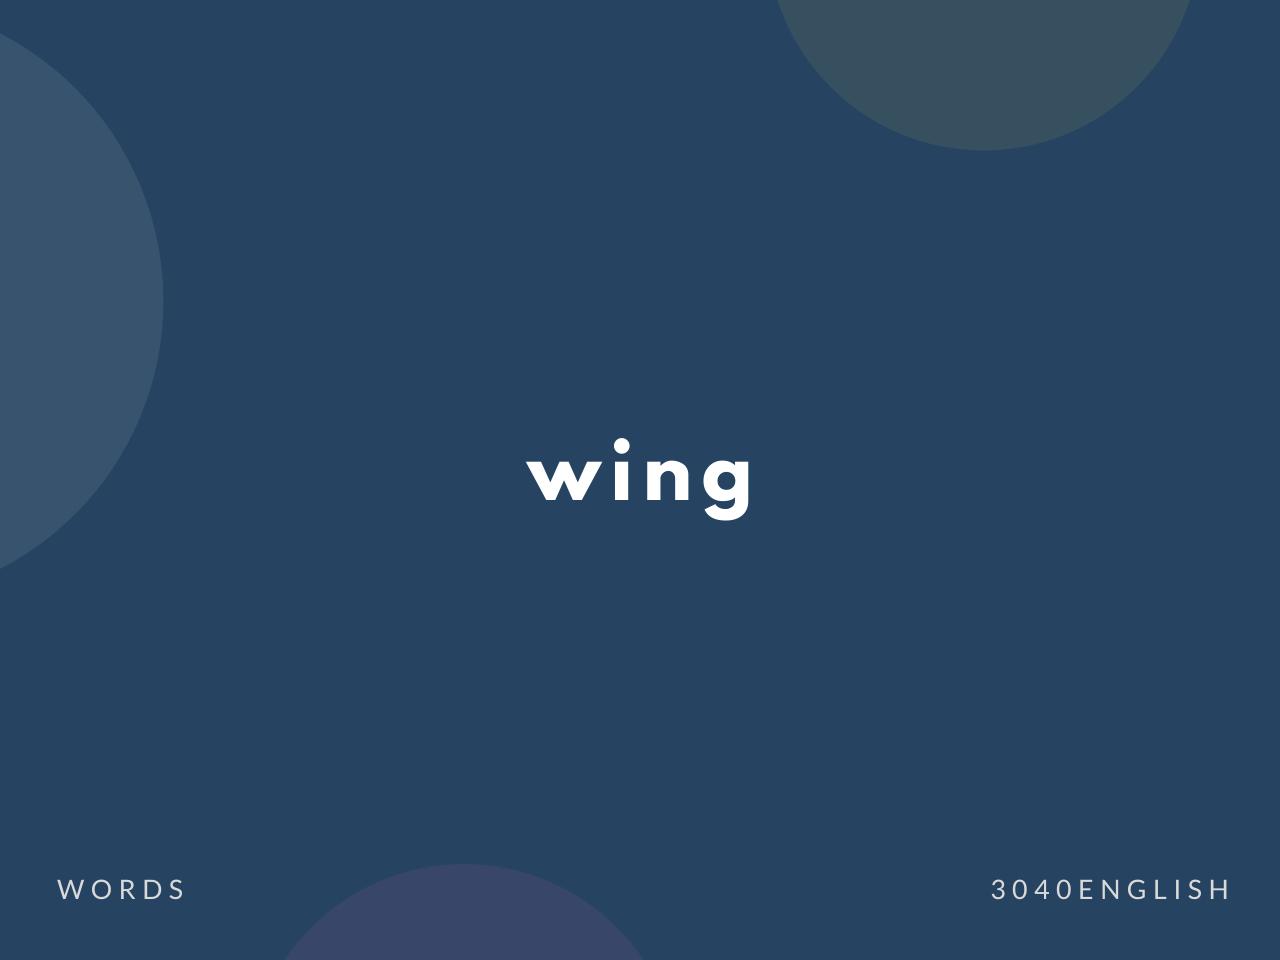 翼だけではない wing の意味と簡単な使い方【例文あり】